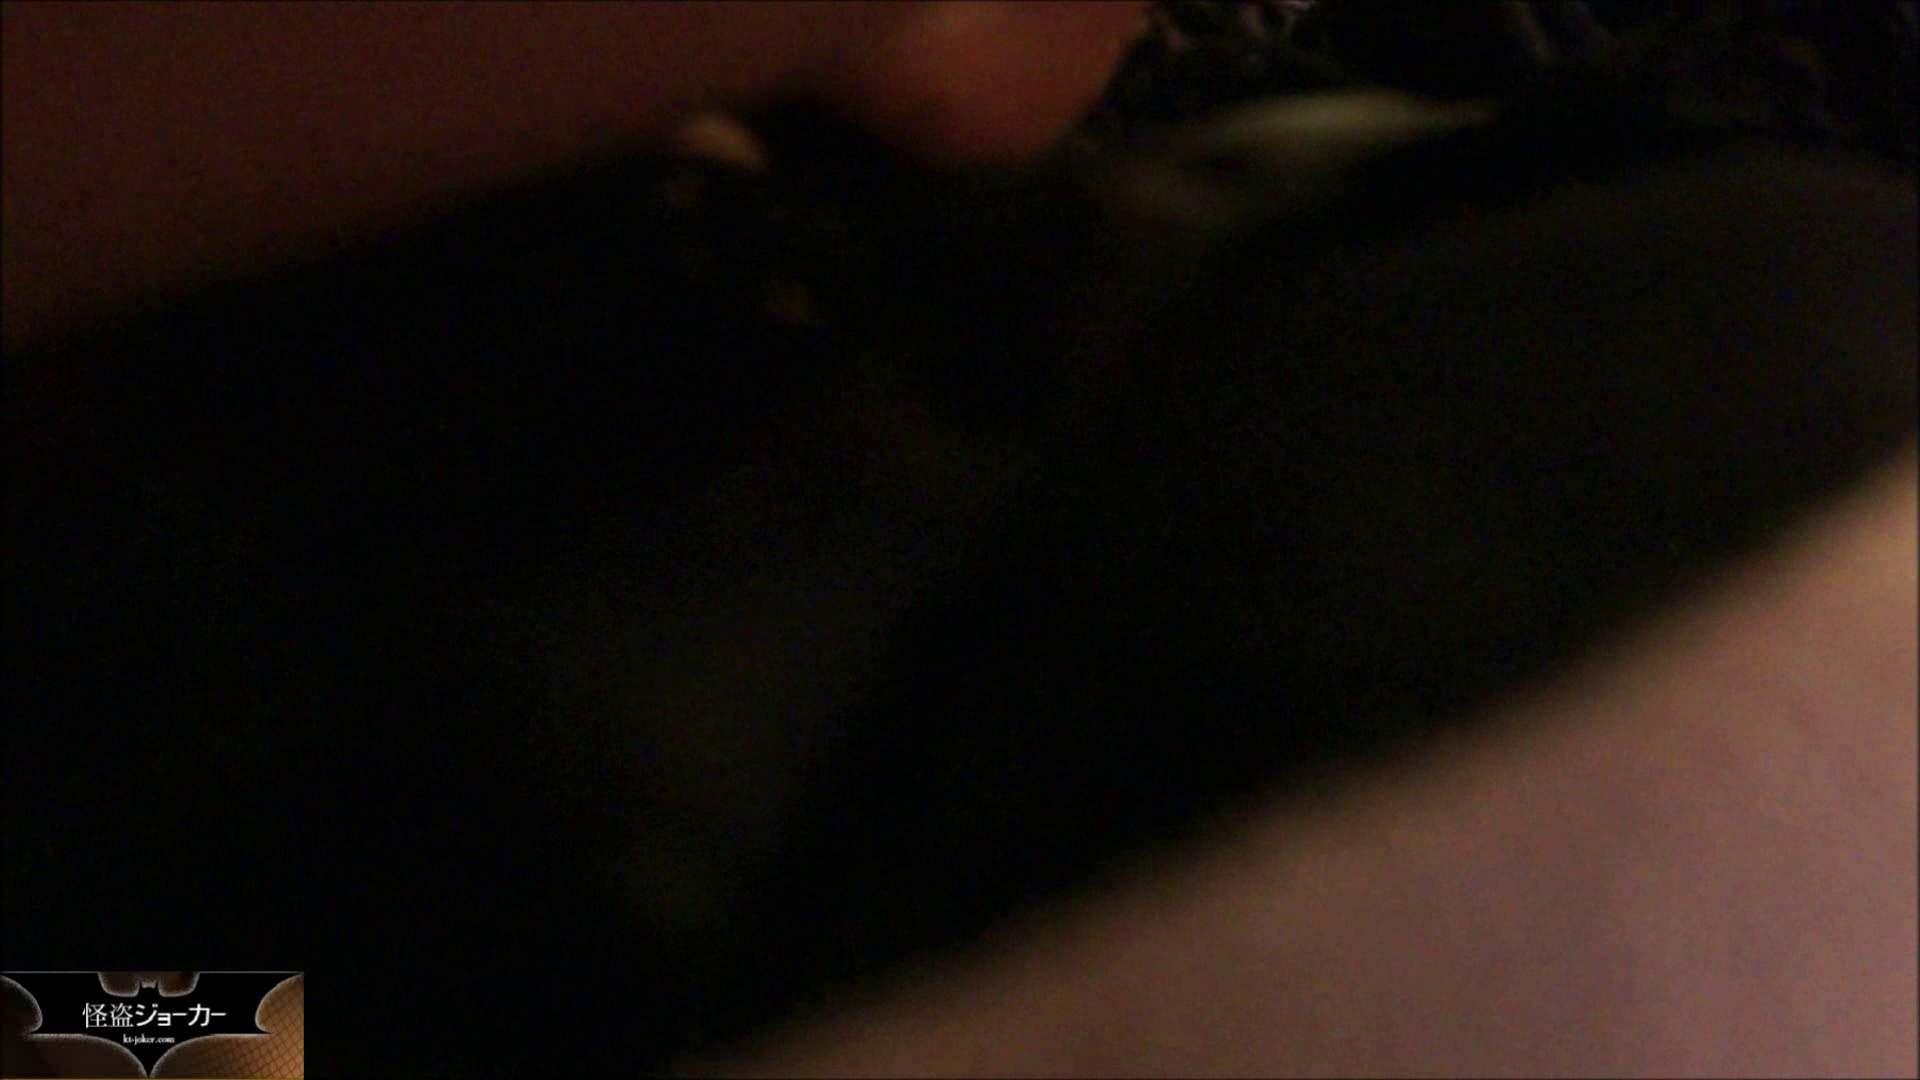 【俺の2人の愛嬢】【未公開】vol.34 【援交】葉月ちゃん・・・清楚からの豹変 ラブホテル  100PIX 39